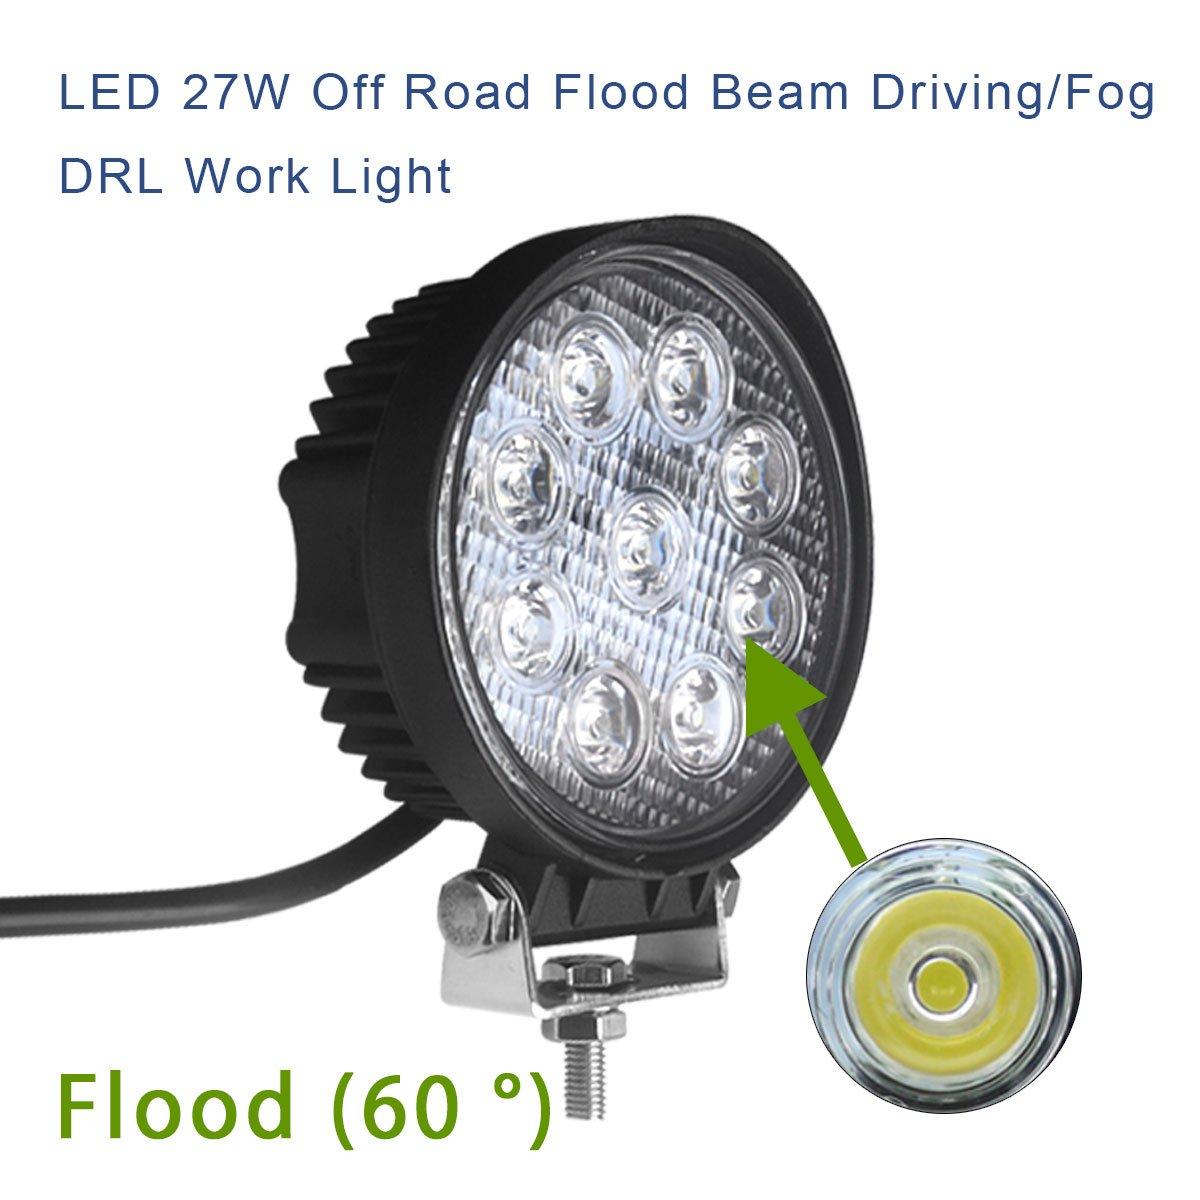 LED Light Bar LEDKINGDOMUS 4X 27W 4 LED Light Pod Flood Round Work Light Offroad Light Led Fog Light Truck Light Driving Light Boat Lighting for Truck Pickup SUV ATV UTV,2 Years Warranty